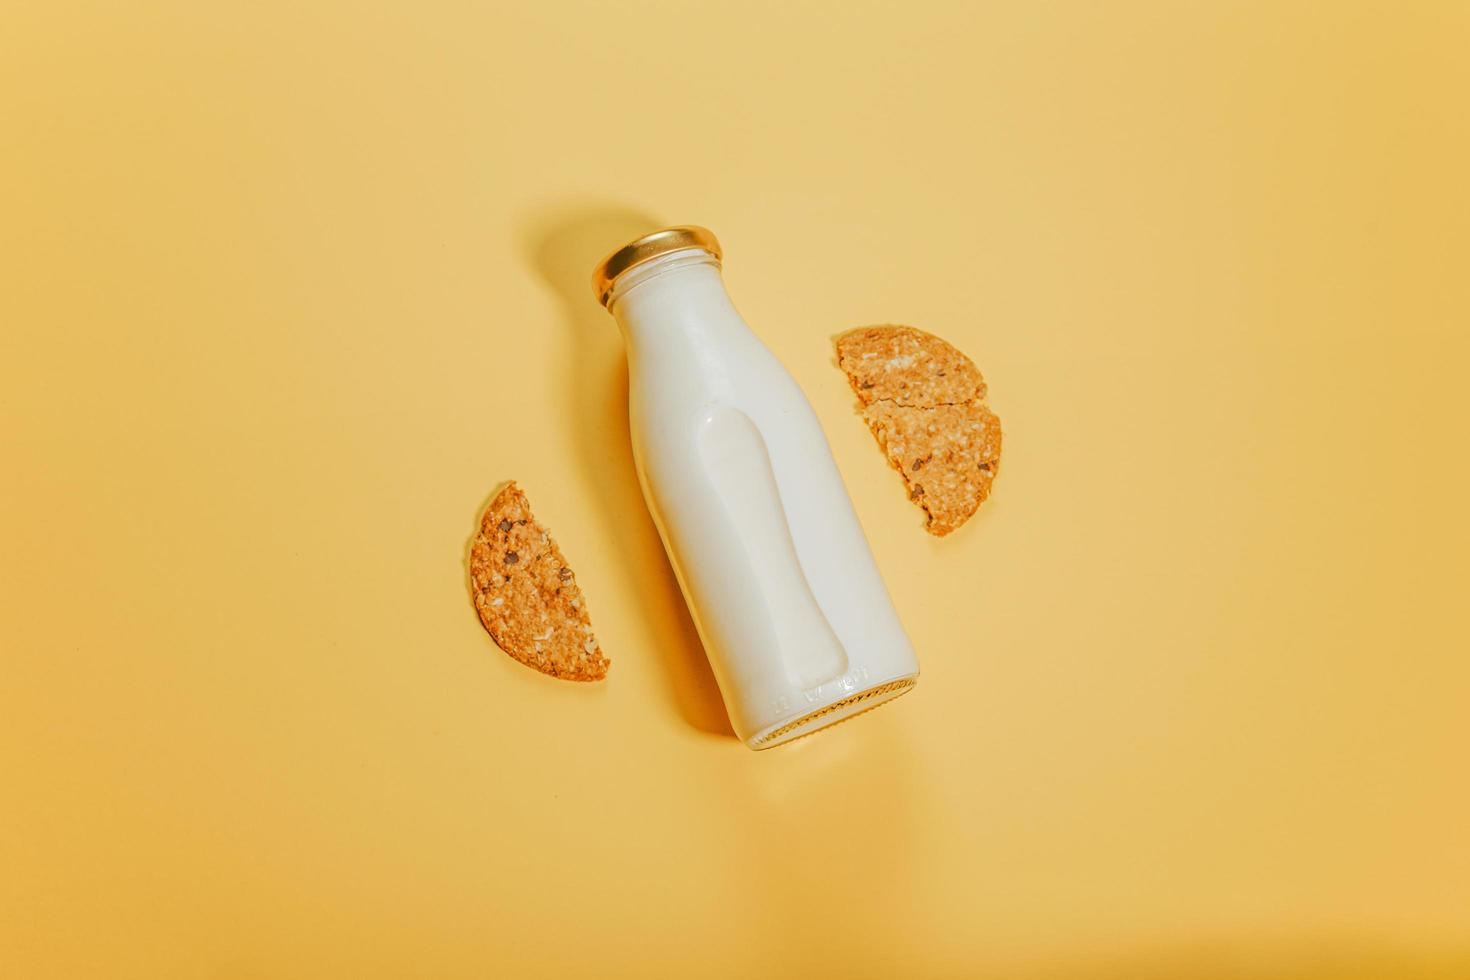 botella de leche entre dos mitades de una galleta foto